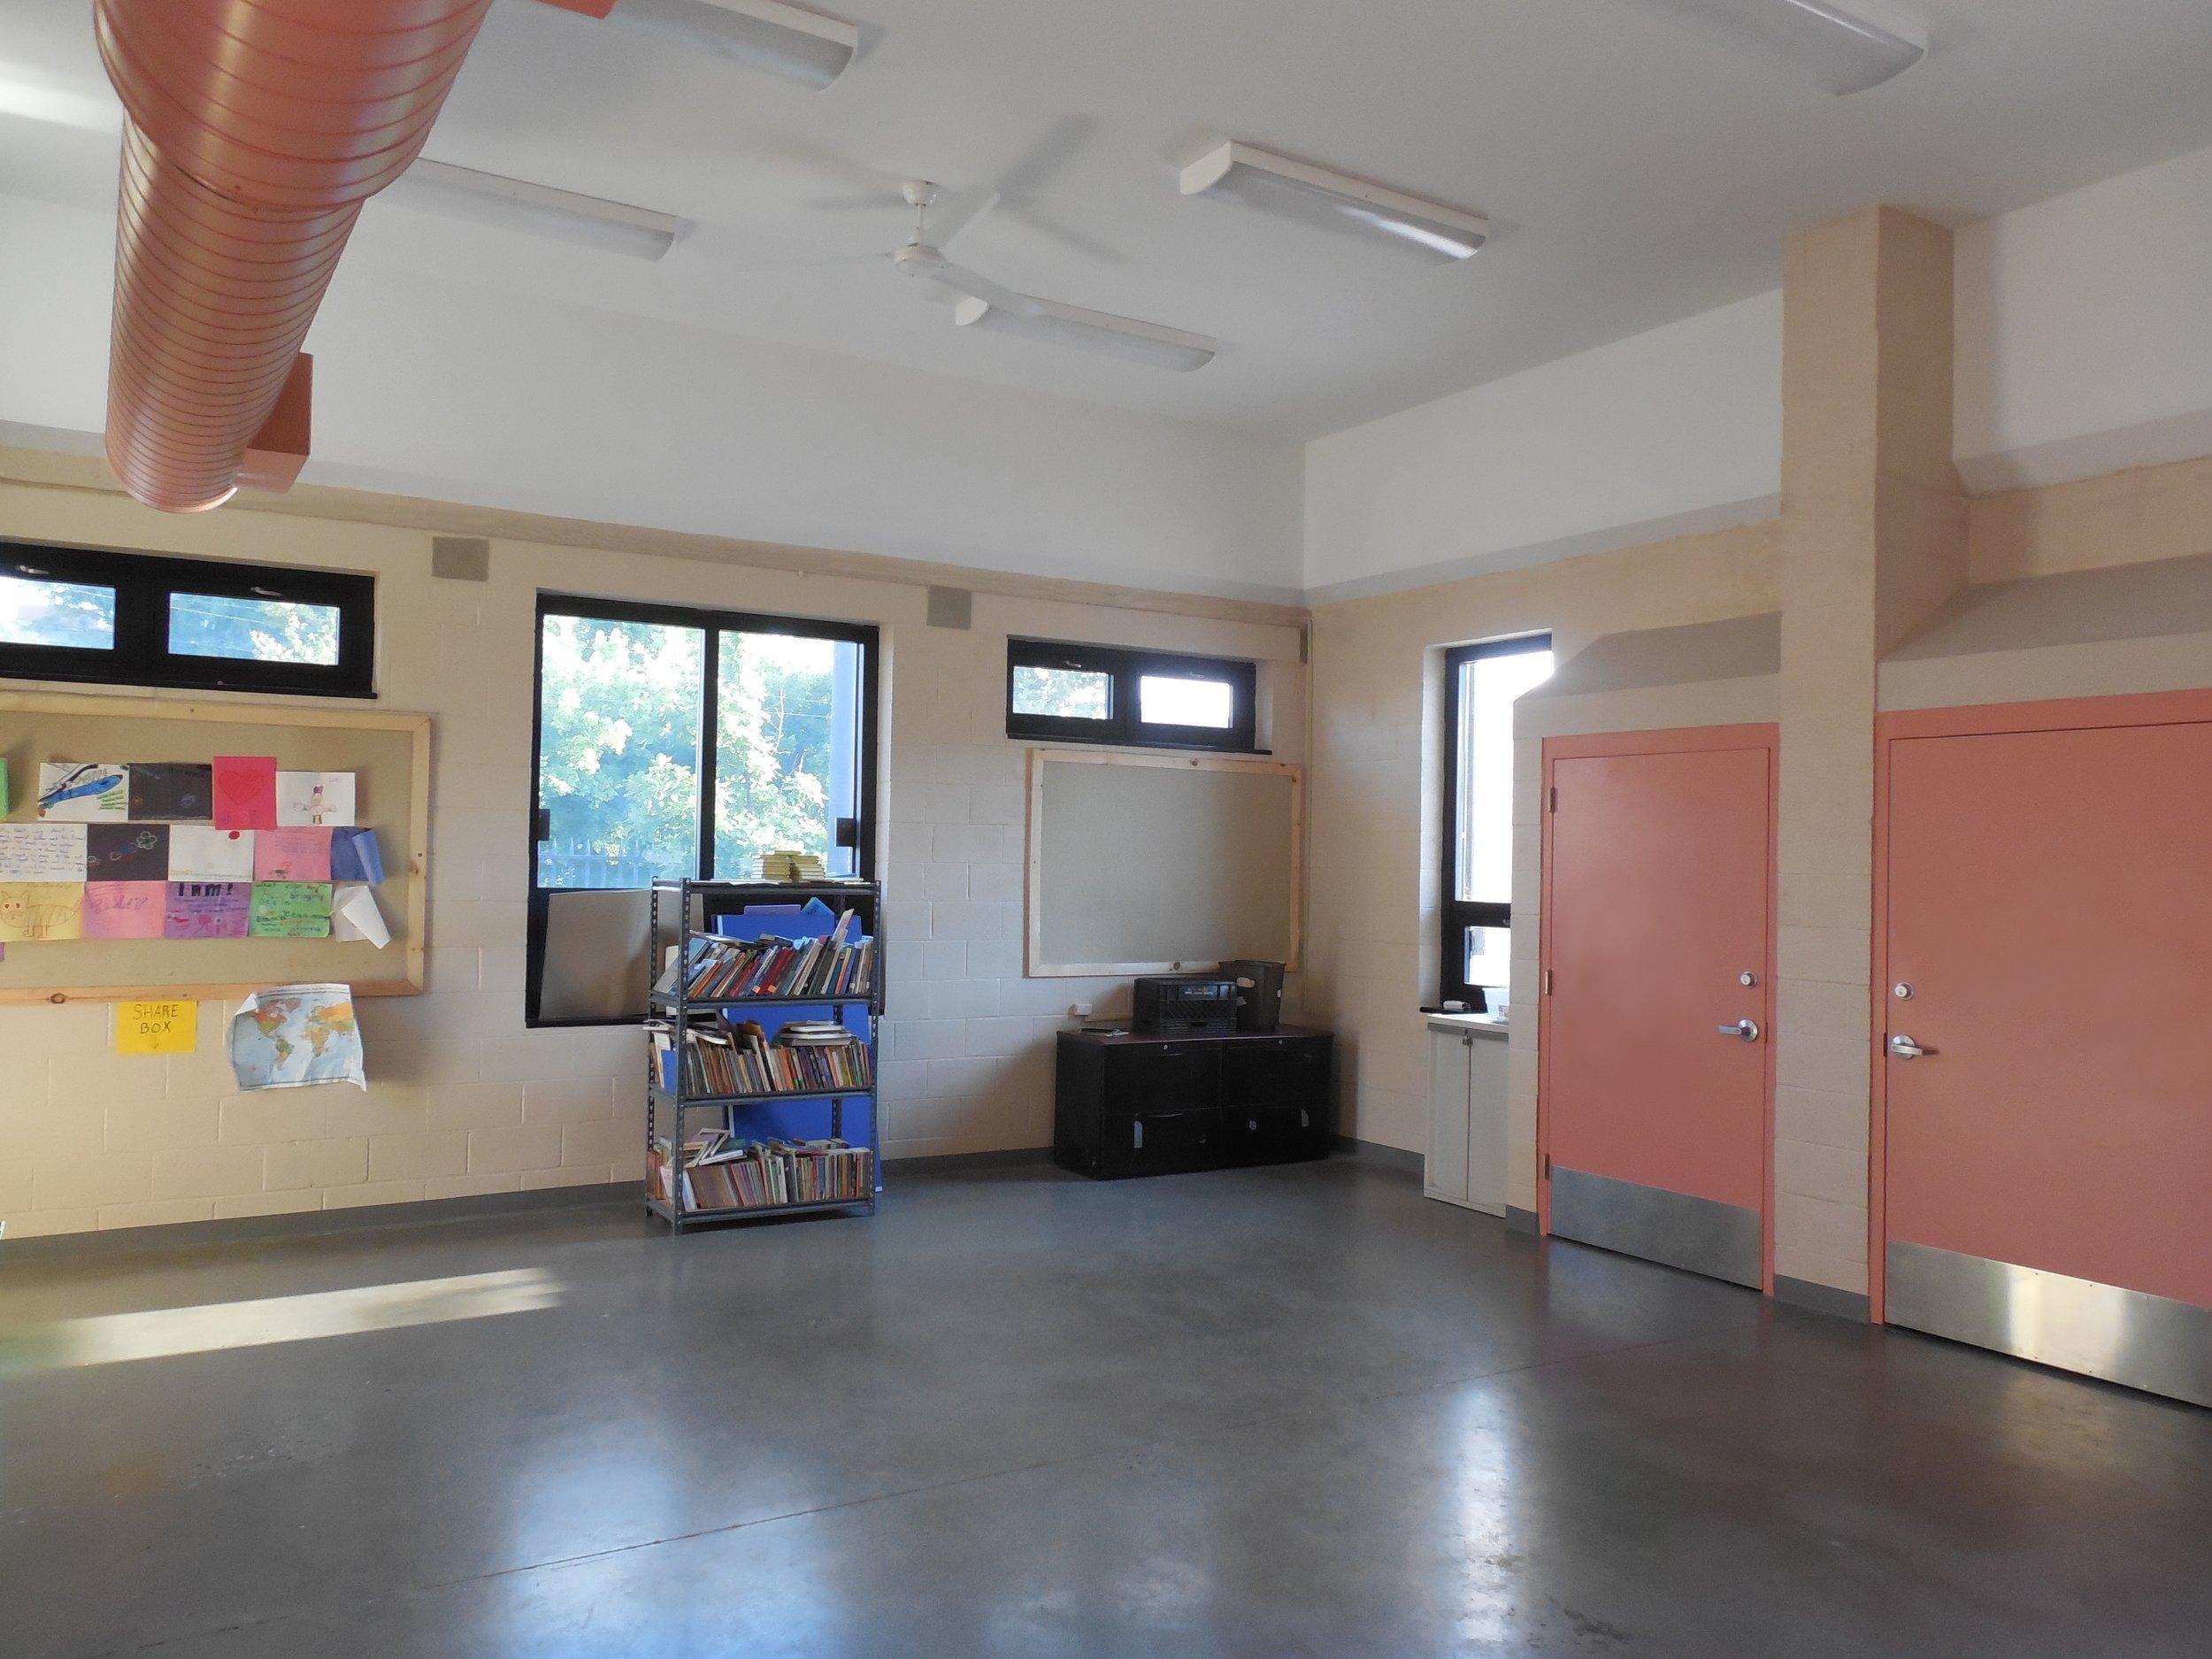 rec-center-Interior.jpg